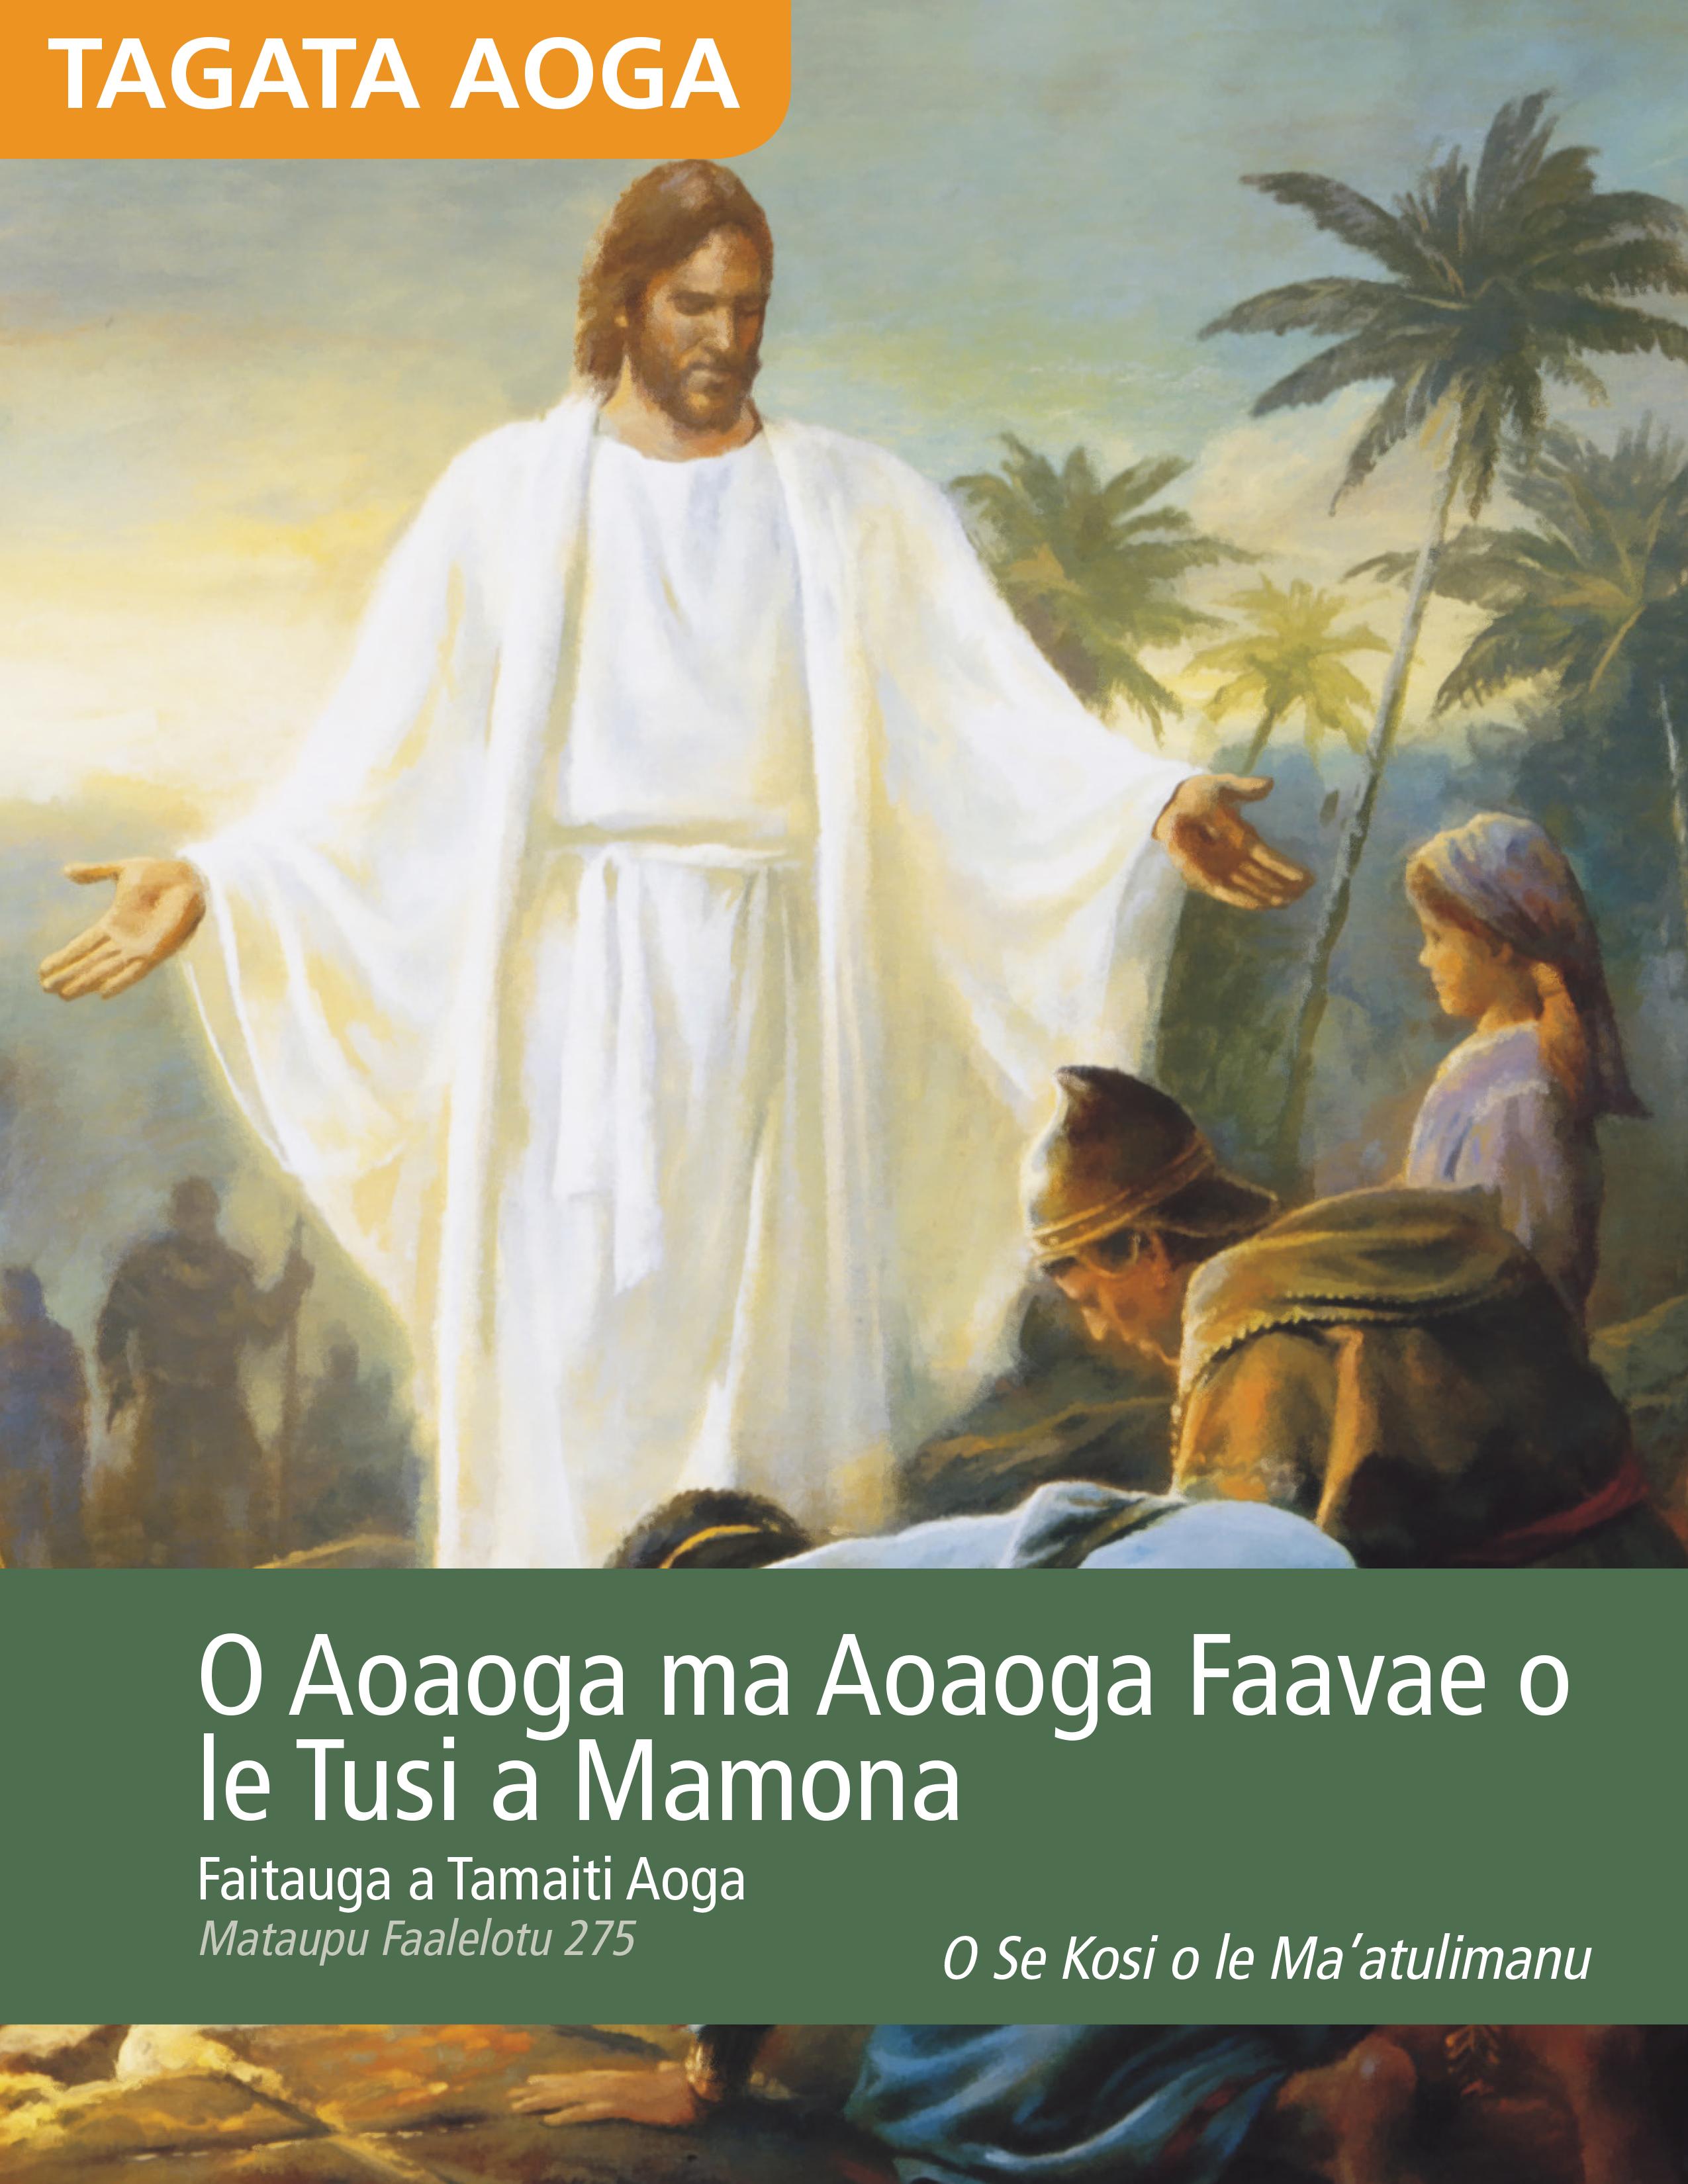 Faitauga a Tagata Aoga o Aoaoga ma Aoaoga Faavae o le Tusi a Mamona (Mataupu Faalelotu 275)